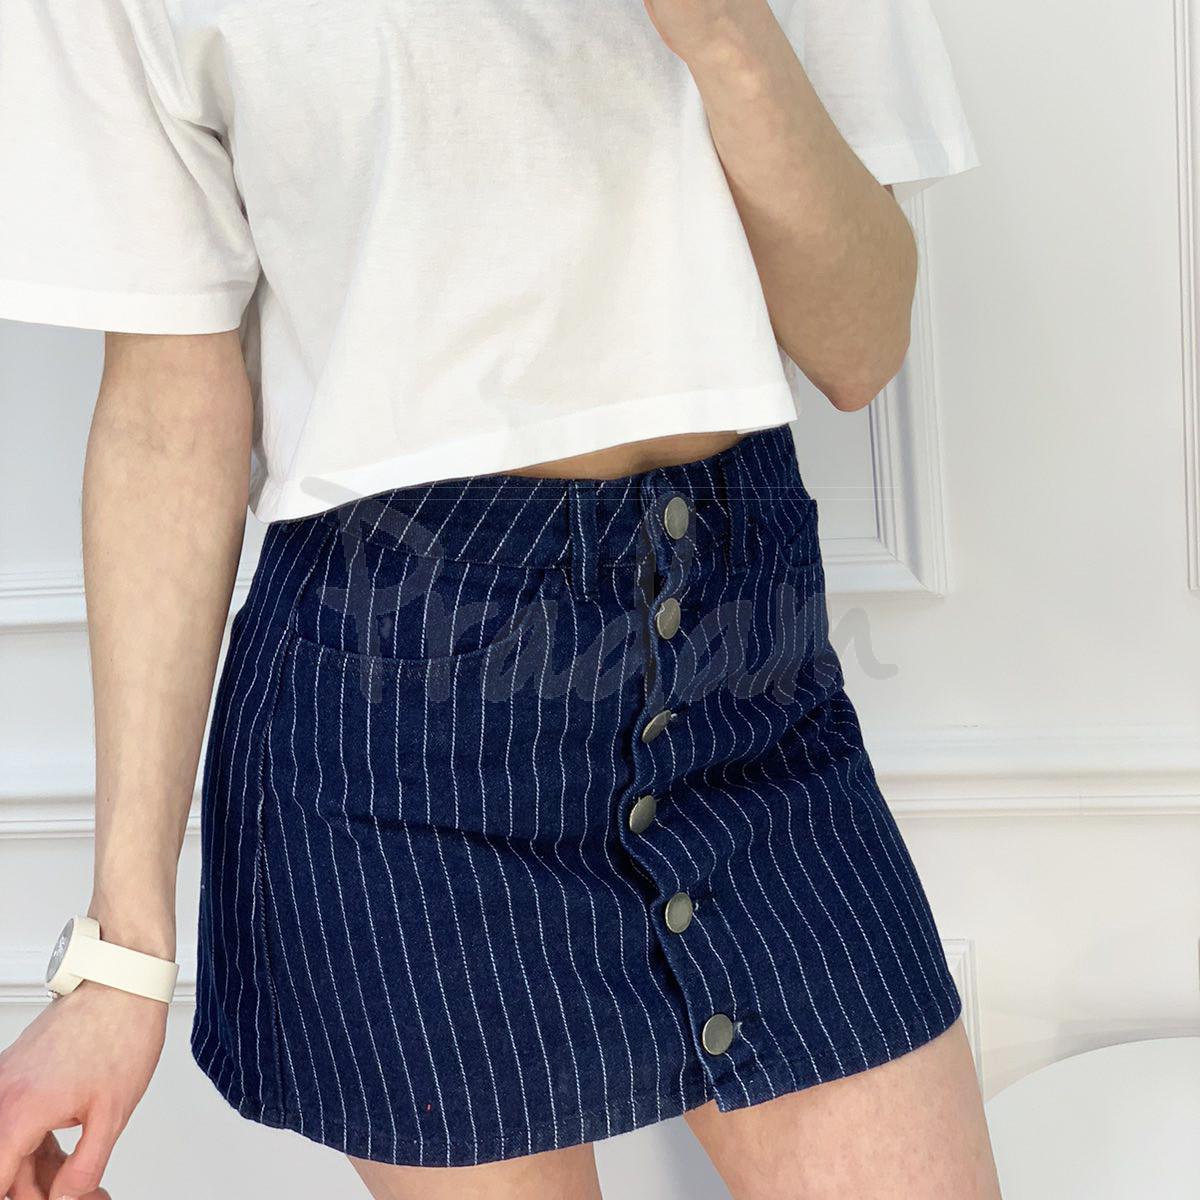 0200-6 Defile юбка на пуговицах синяя котоновая (6 ед. размеры: 34.36.36.38.38.40)